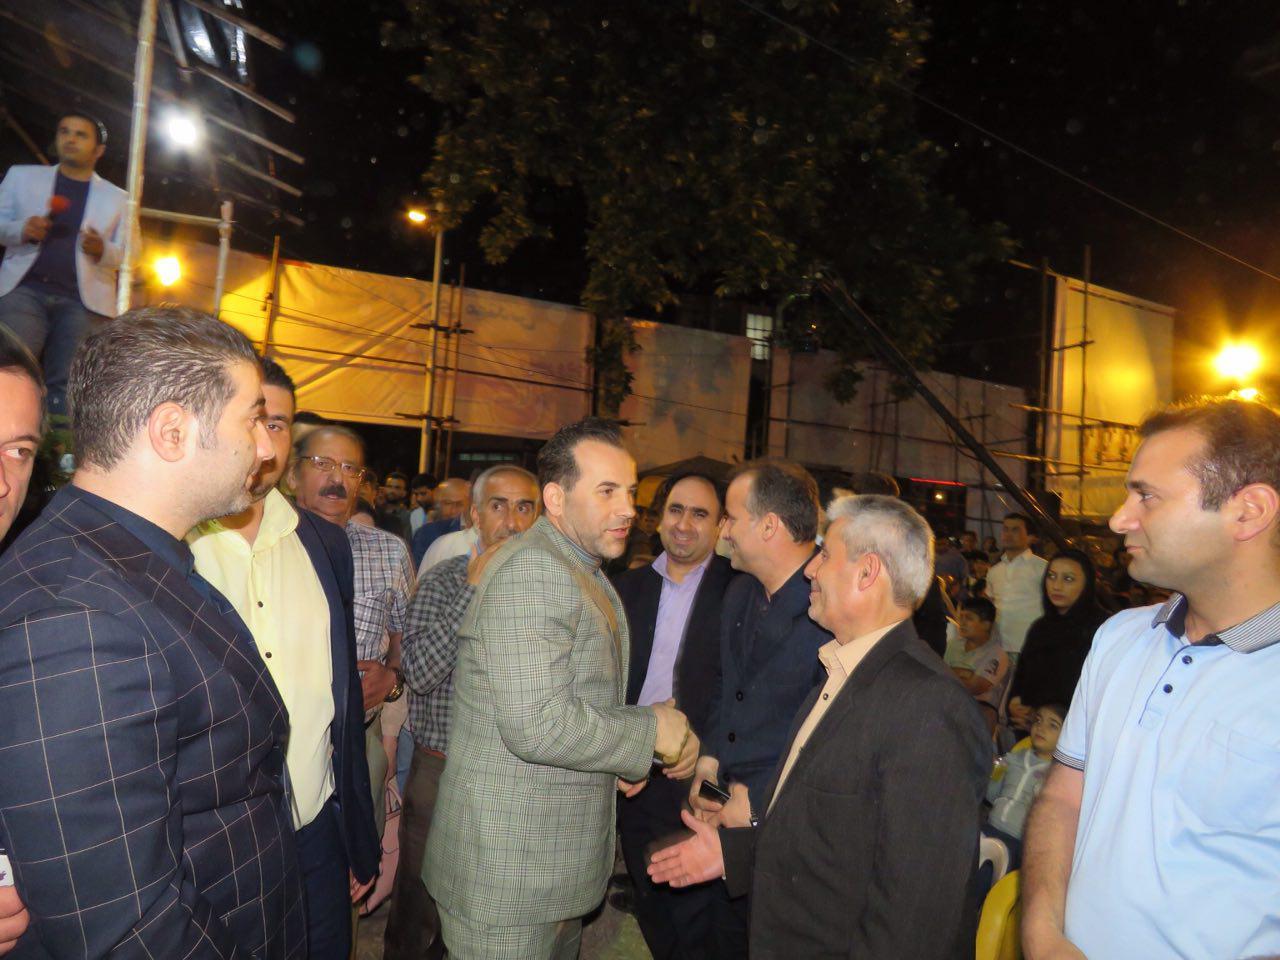 گزارش تصویری اجتماع حامیان مجید رجبی کاندیدای شورای کلان شهر رشت